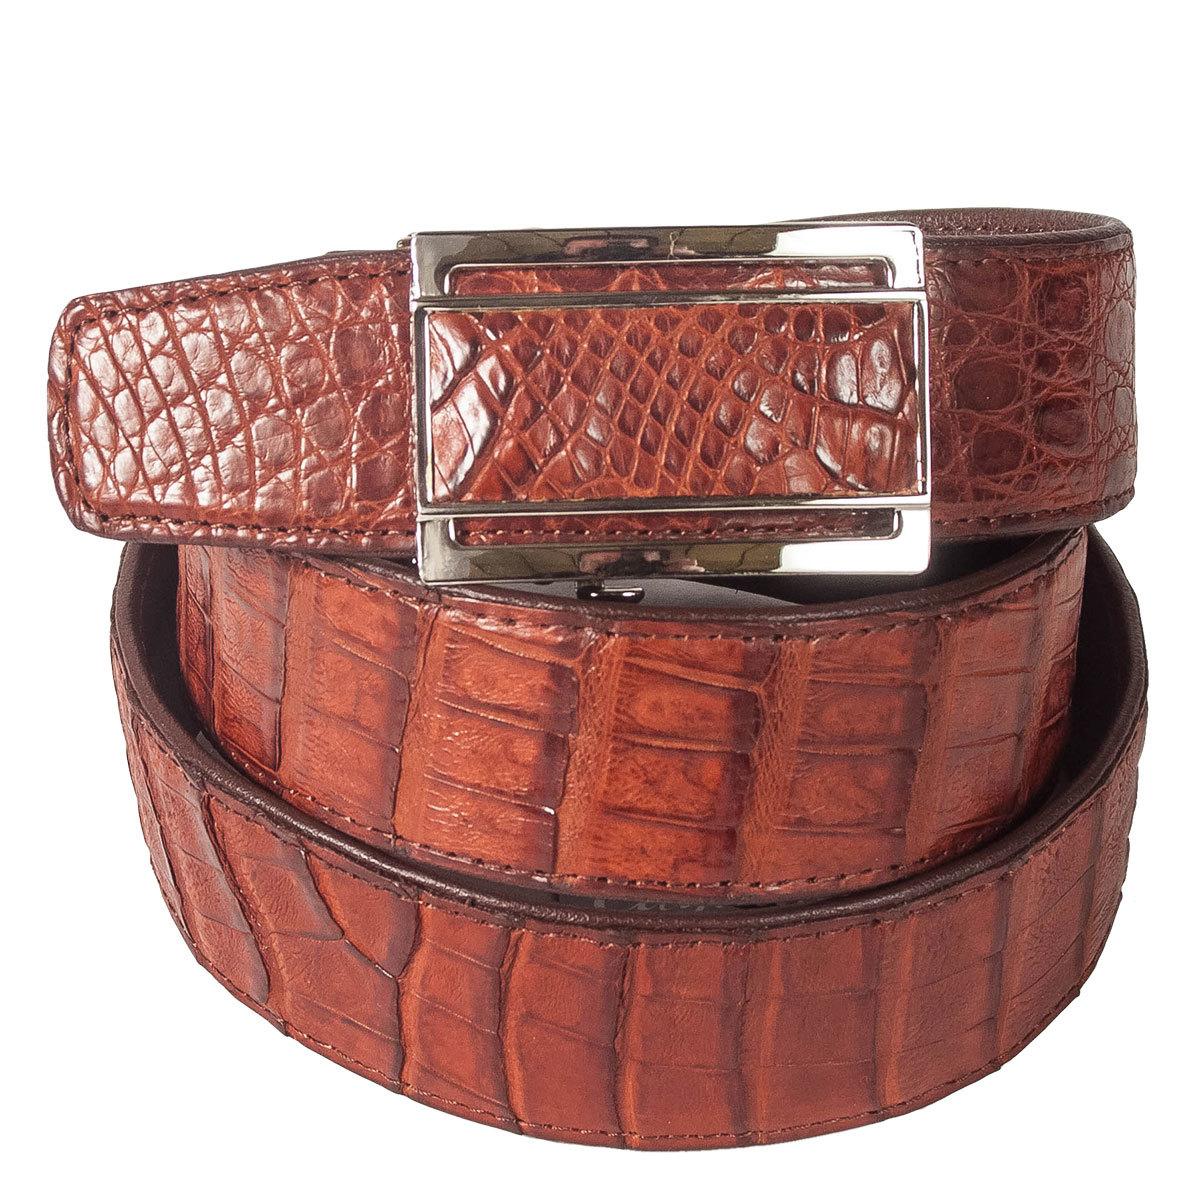 Ремень мужской кожа крокодила женский ремень в джинсы купить